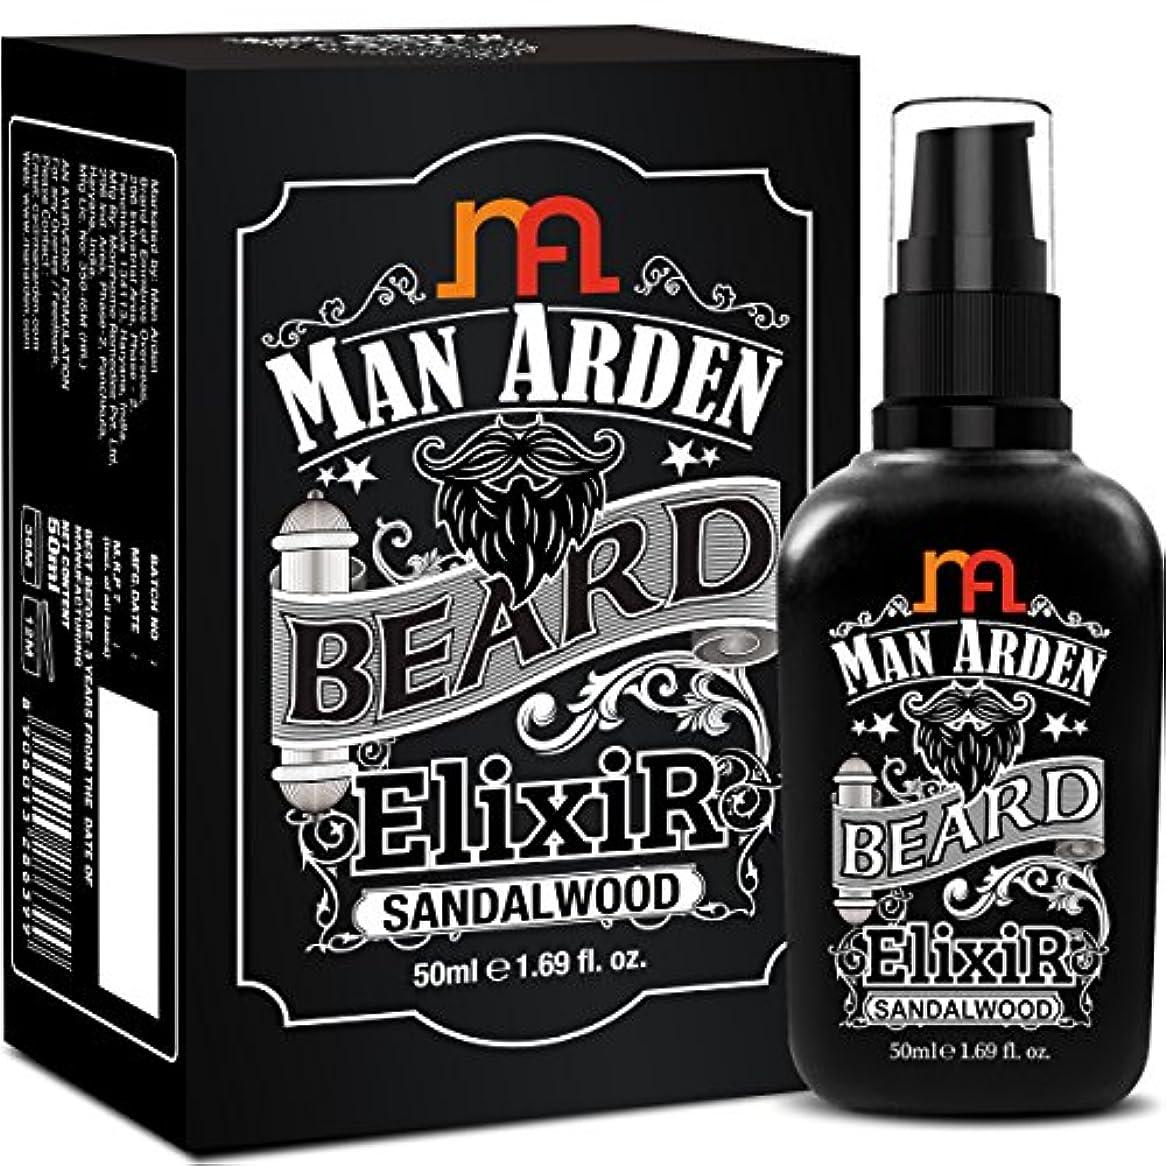 オーバーヘッドファーザーファージュ騒々しいMan Arden Beard Elixir Oil 50ml (Sandalwood) - 7 Oils Blend For Beard Repair, Growth & Nourishment8906013286399